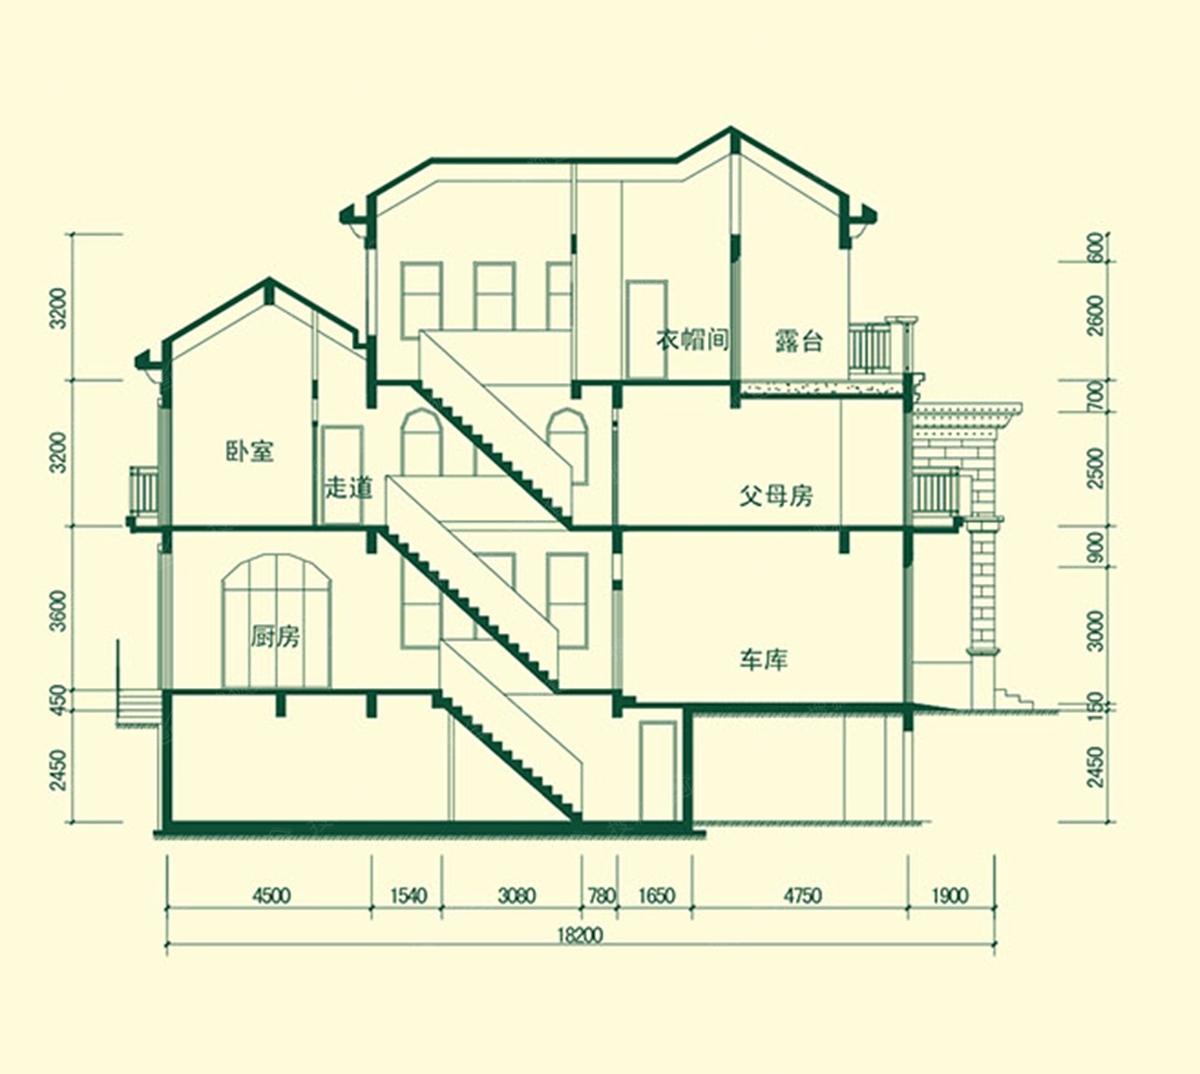 独栋别墅b2花园图-独栋宁馨b2剖面图虎门别墅户型别墅区图片